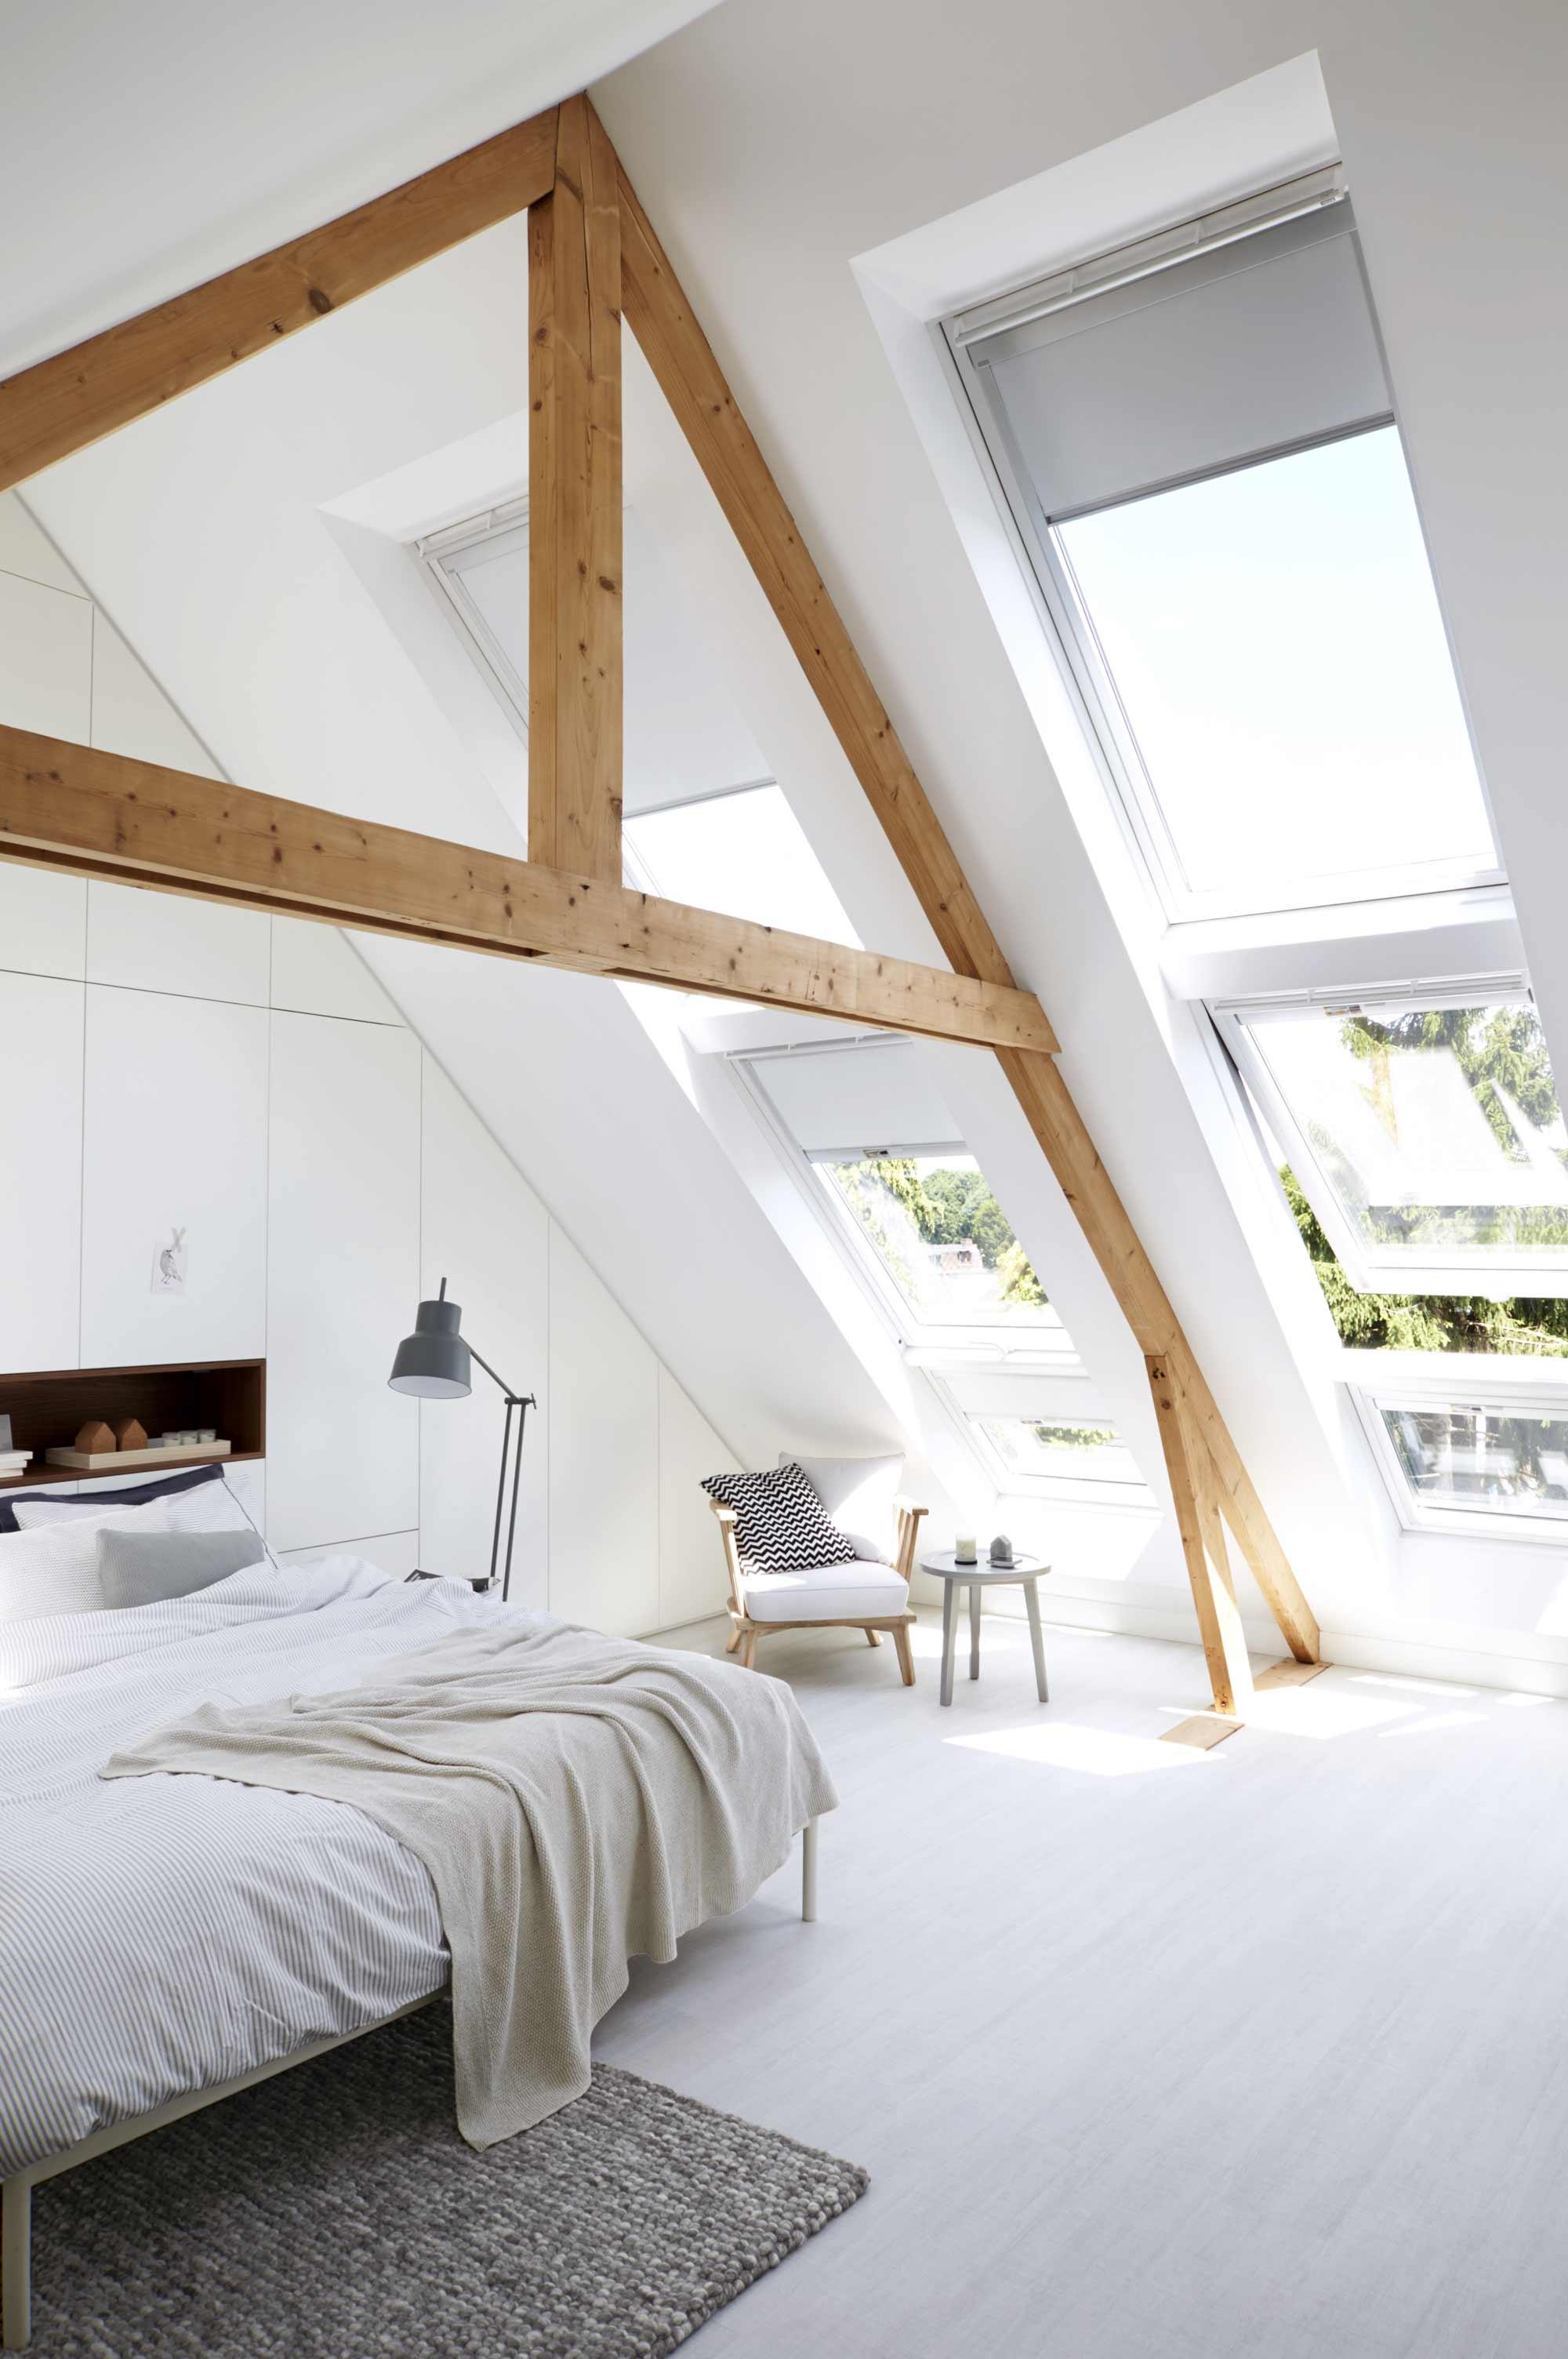 Dakvenster licht slaapkamer bed